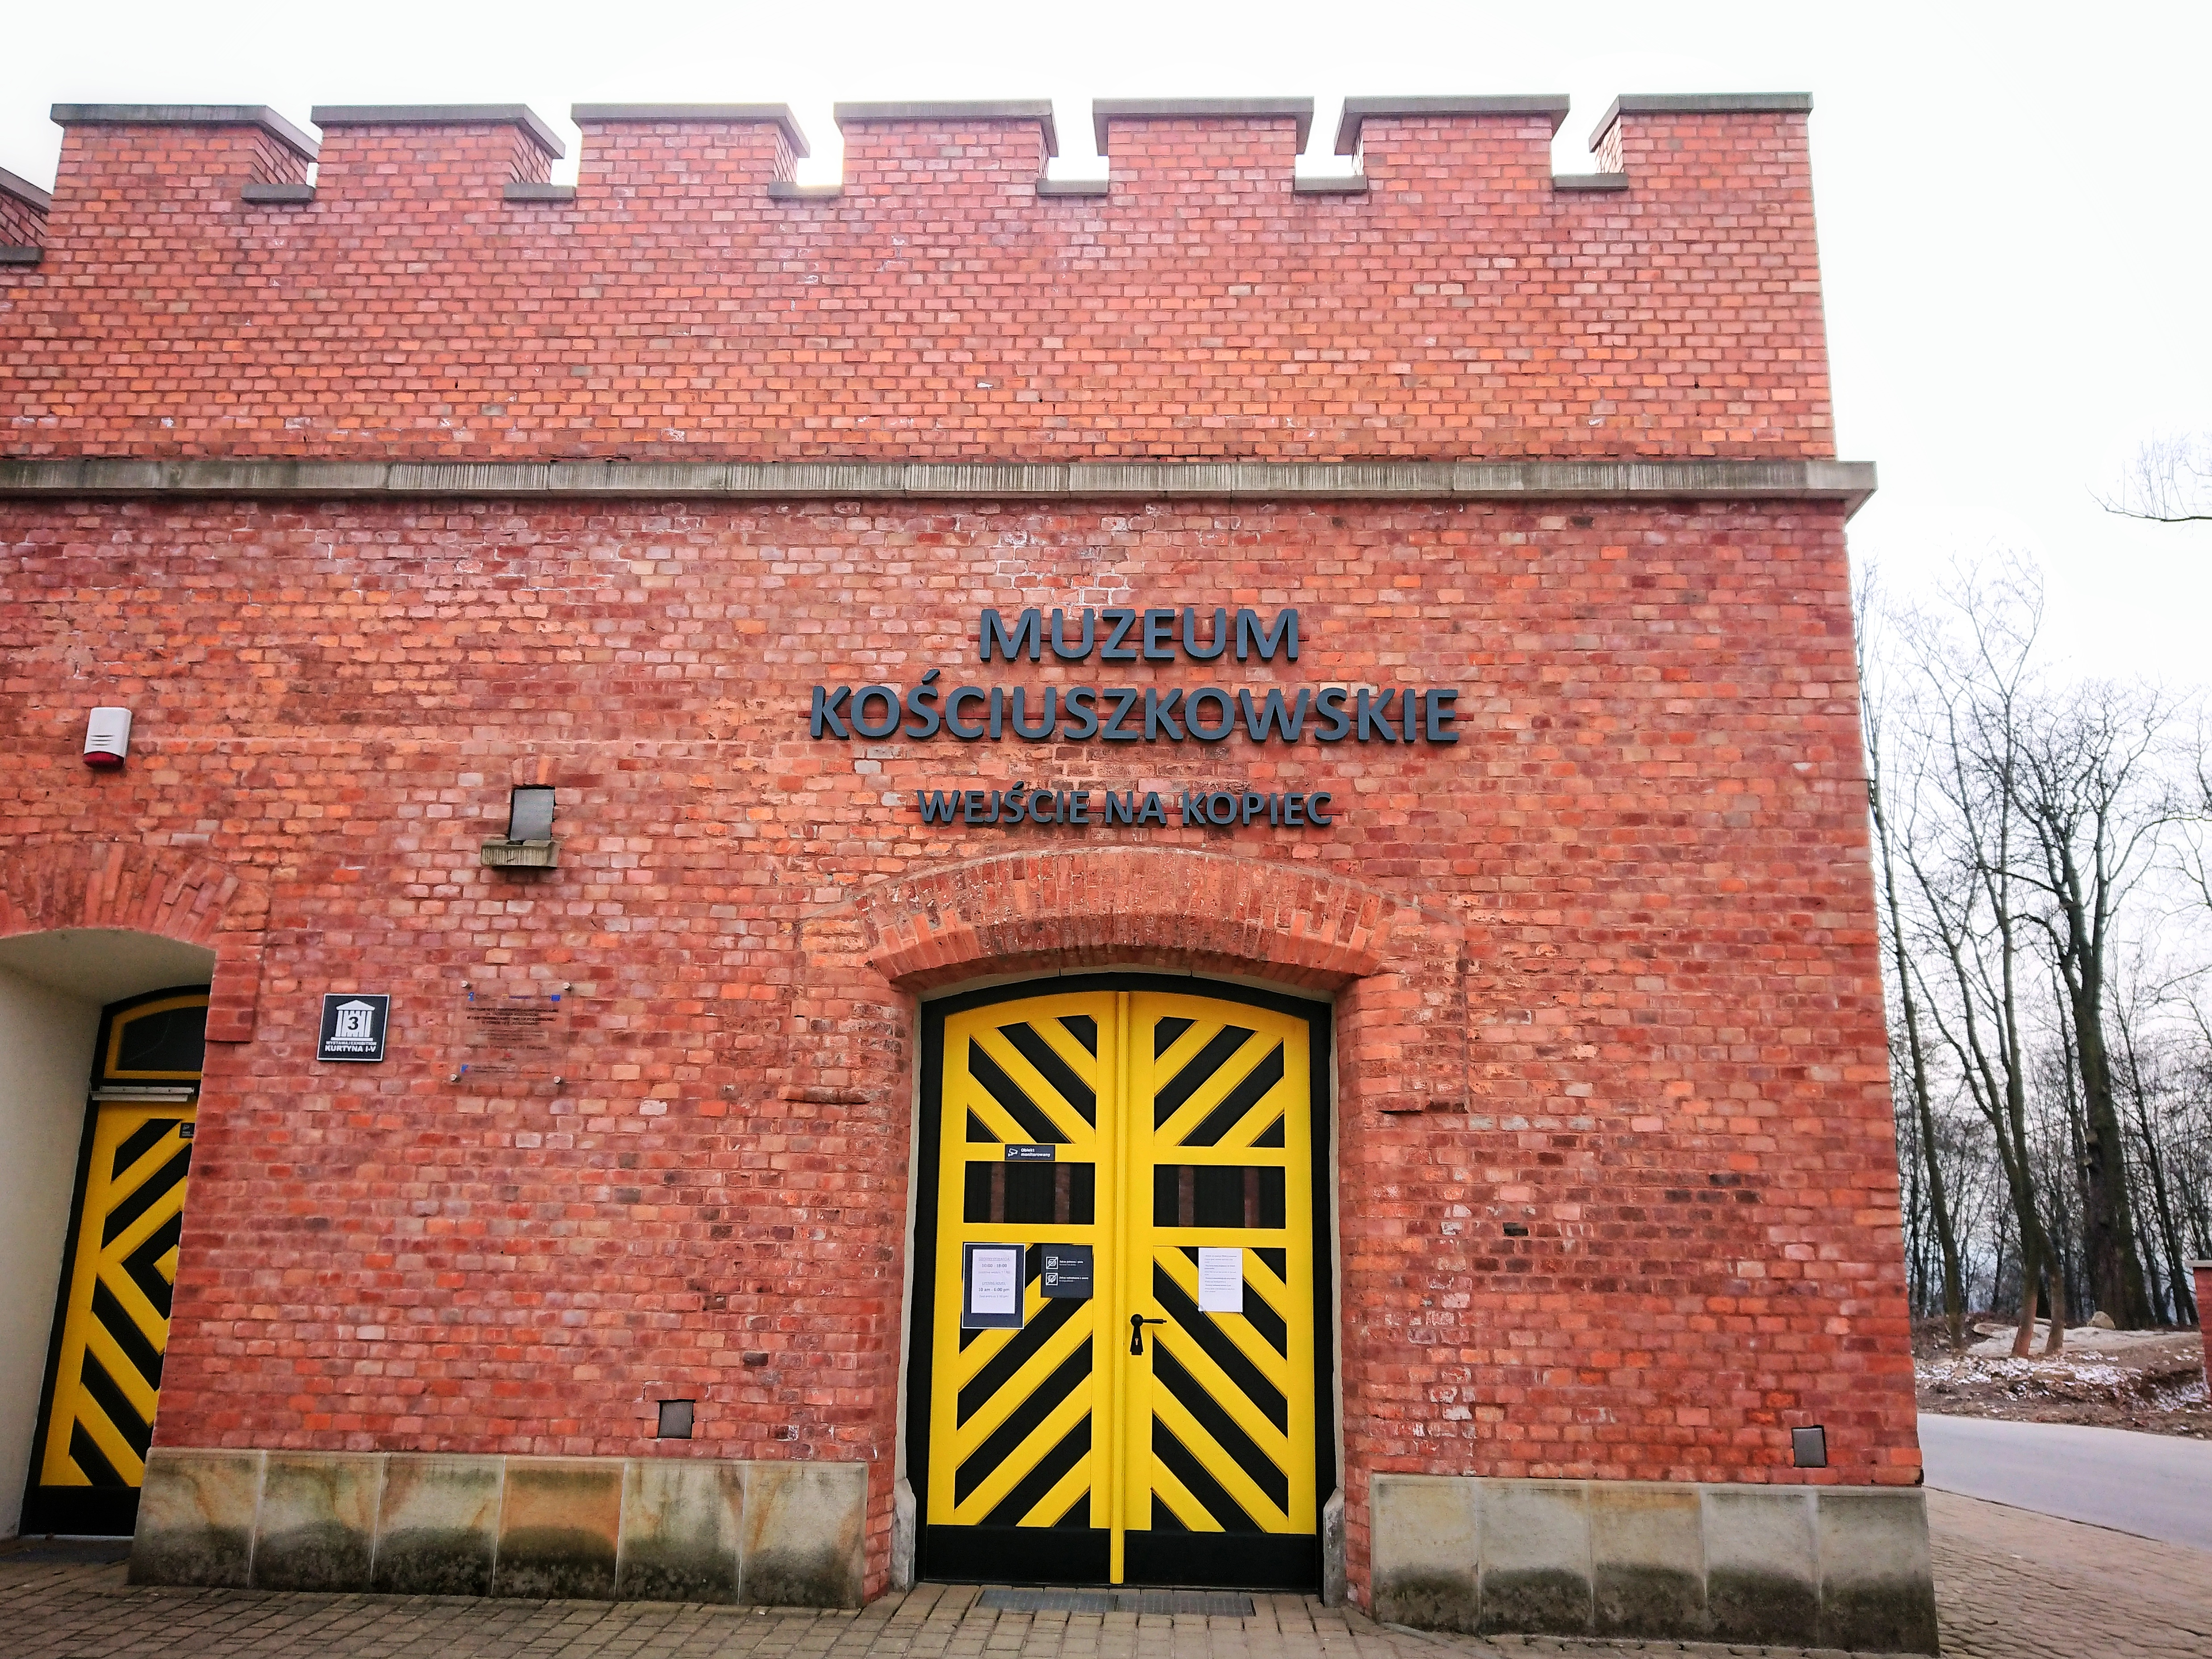 Wejście do Muzeum Kościuszkowskiego przy Kopcu Kościuszki, źródło: archiwum autorki